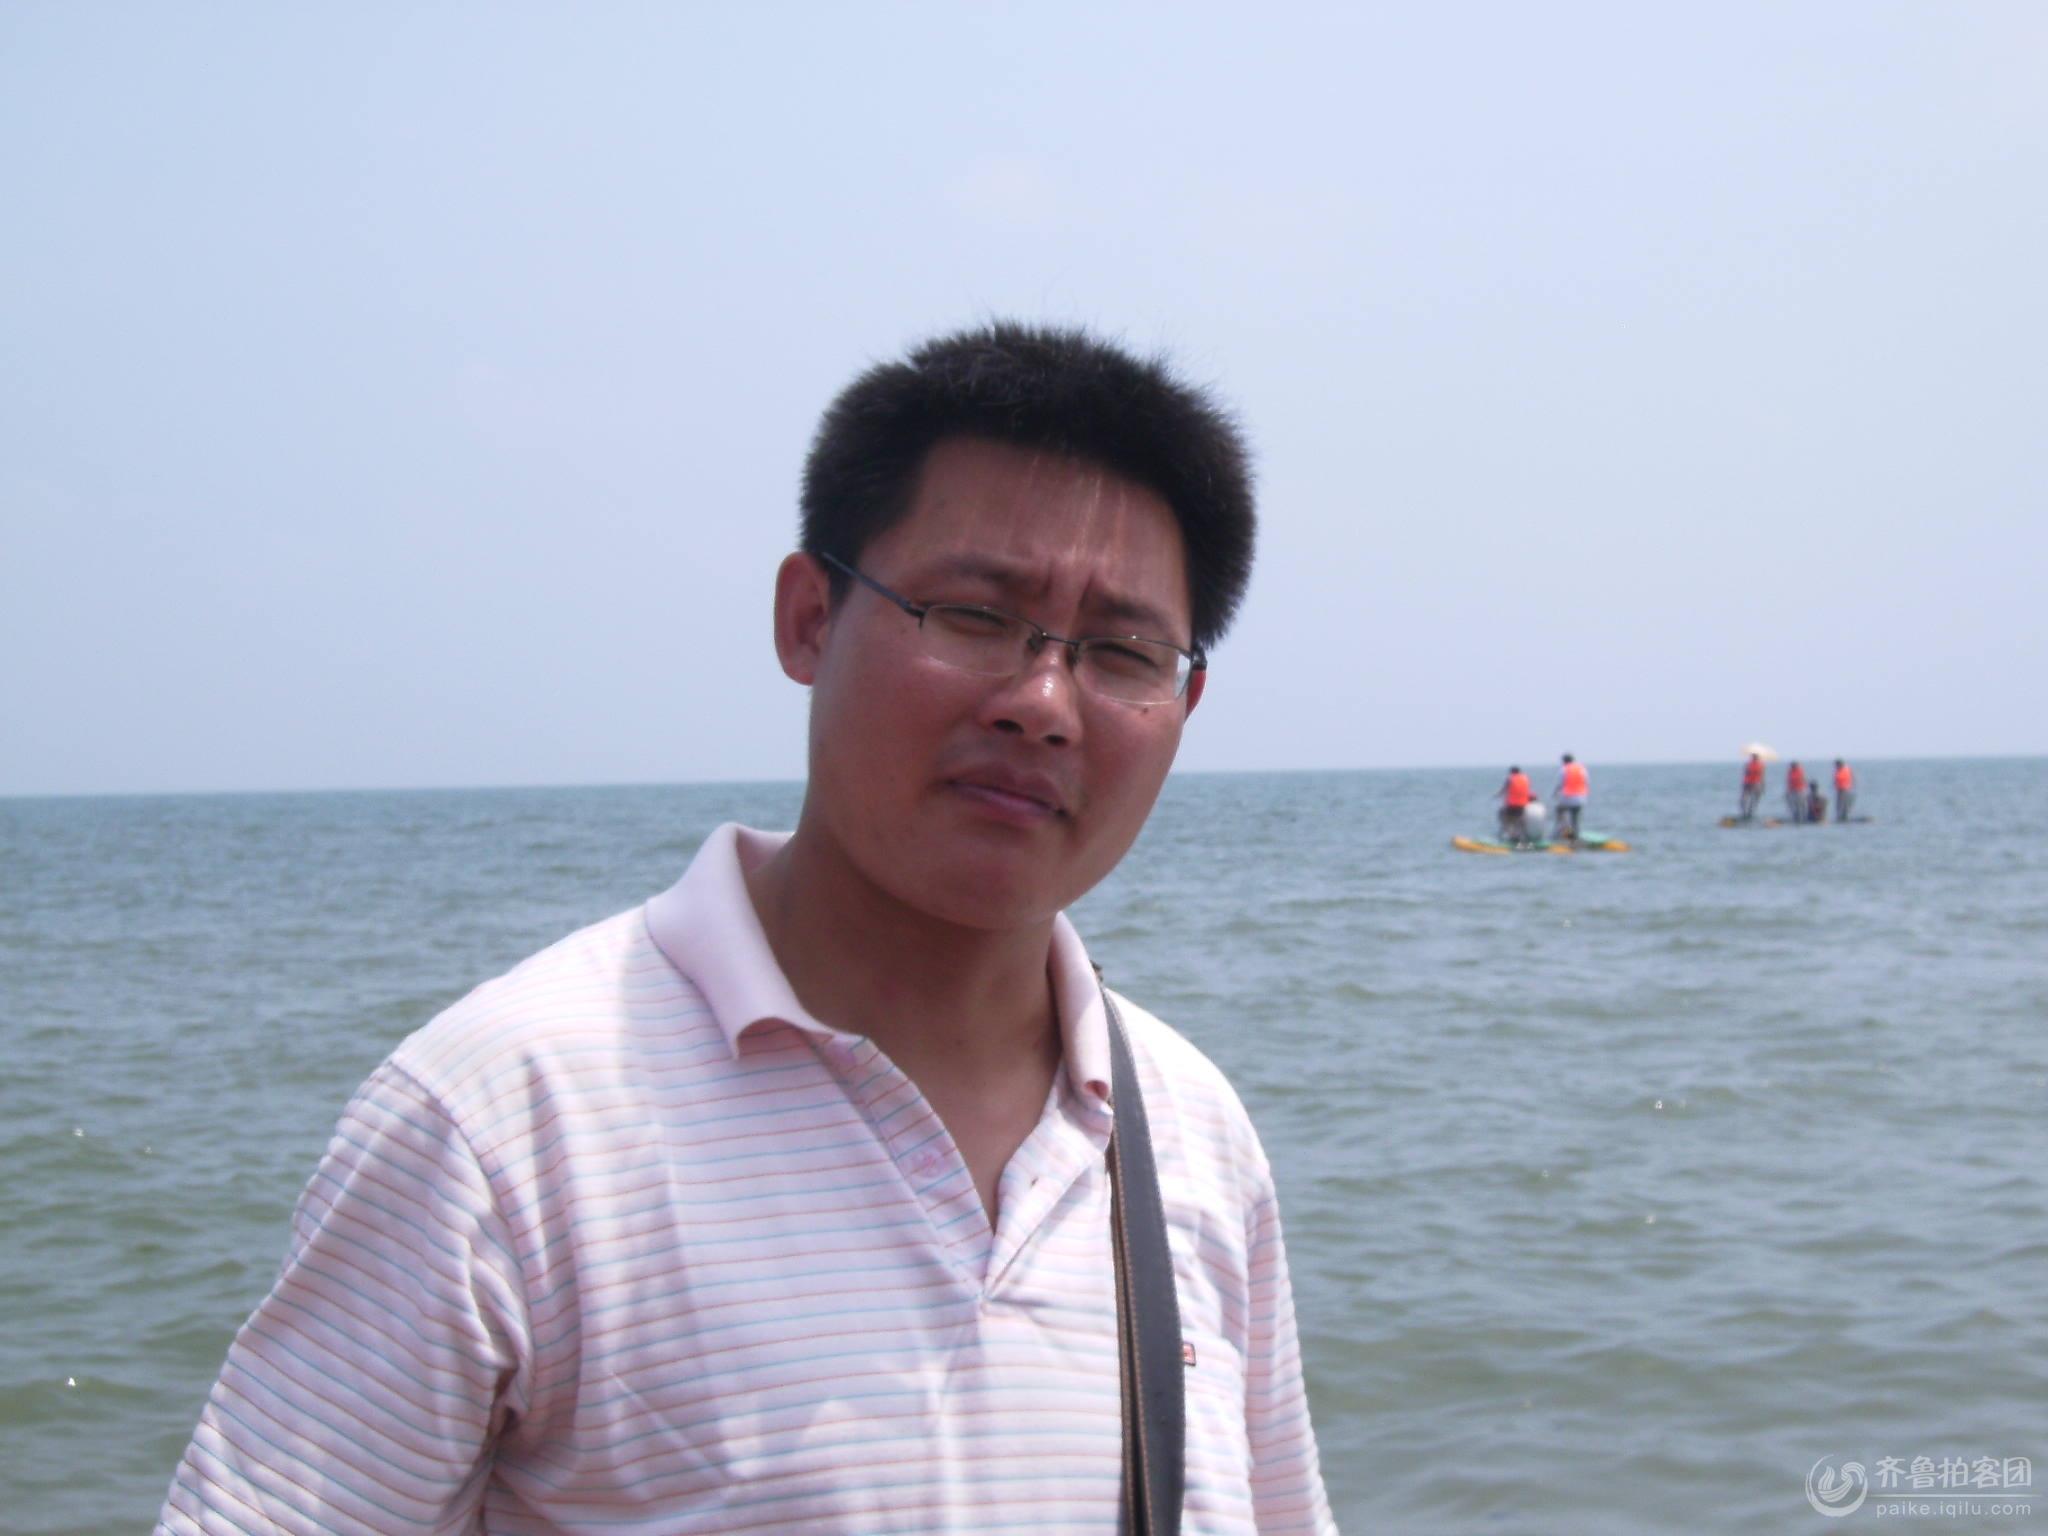 临沂小学教师苏运超演绎现代版陈世美遭曝光